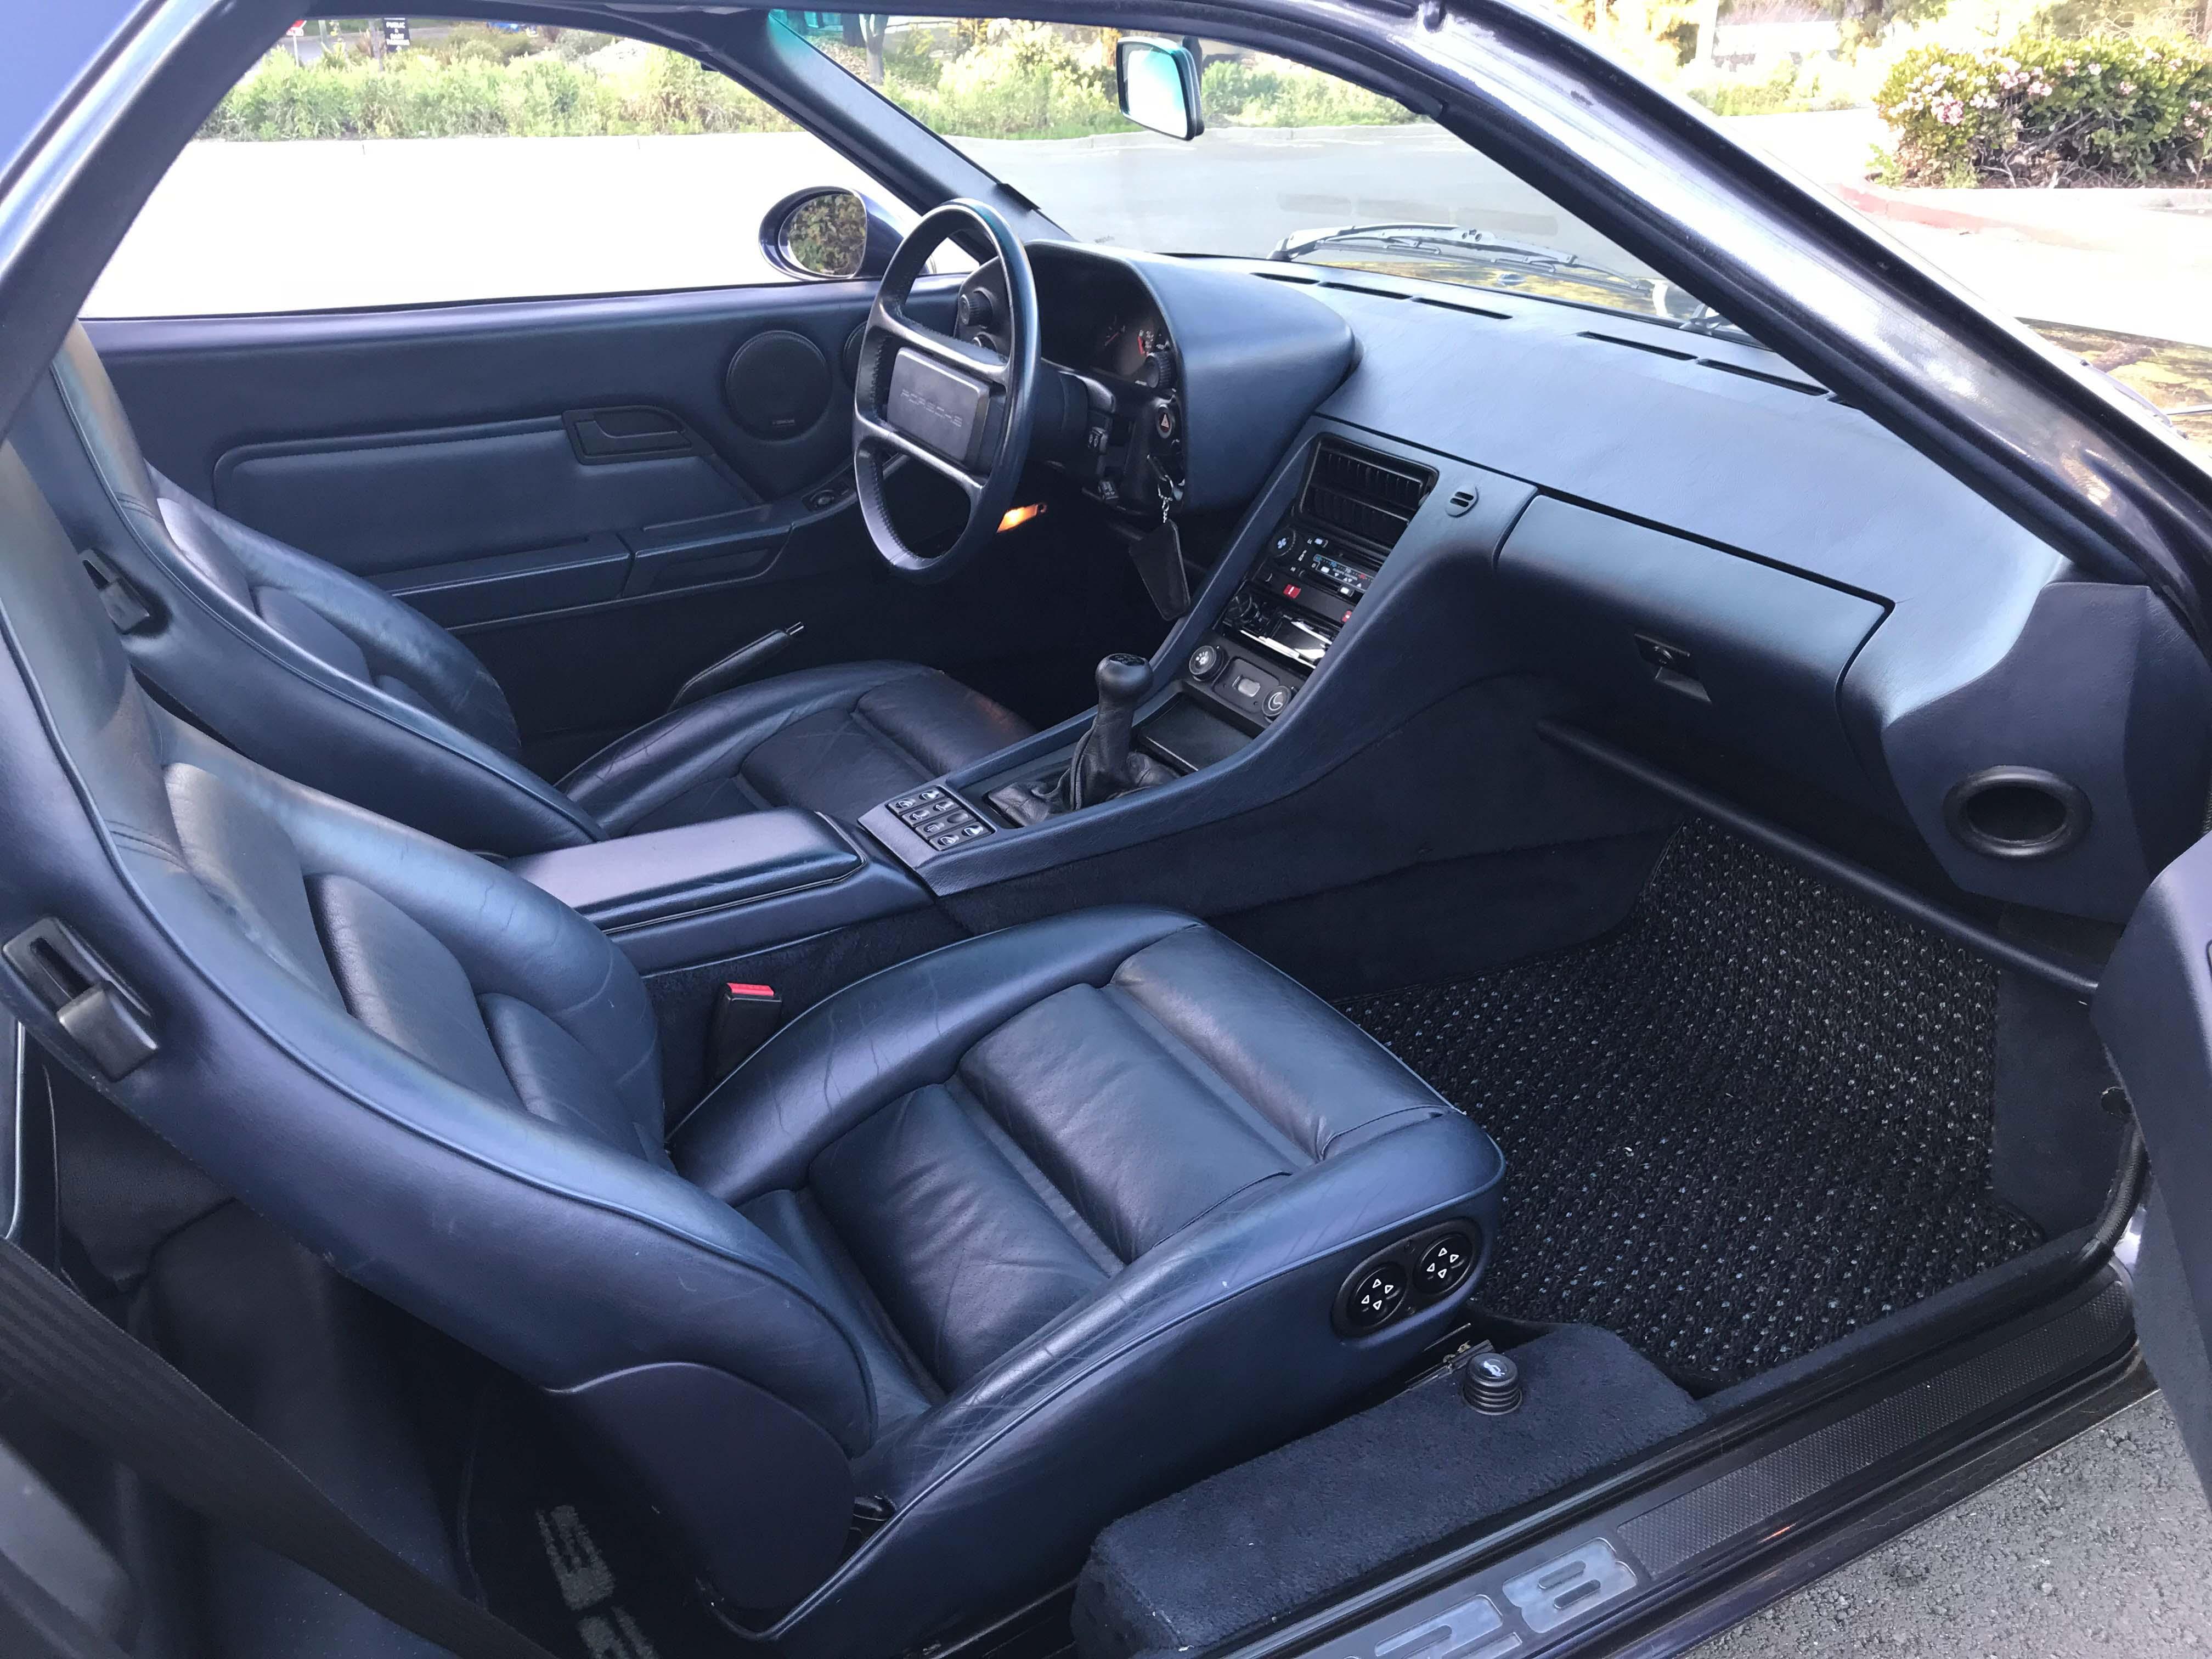 Porsche 928 front interior